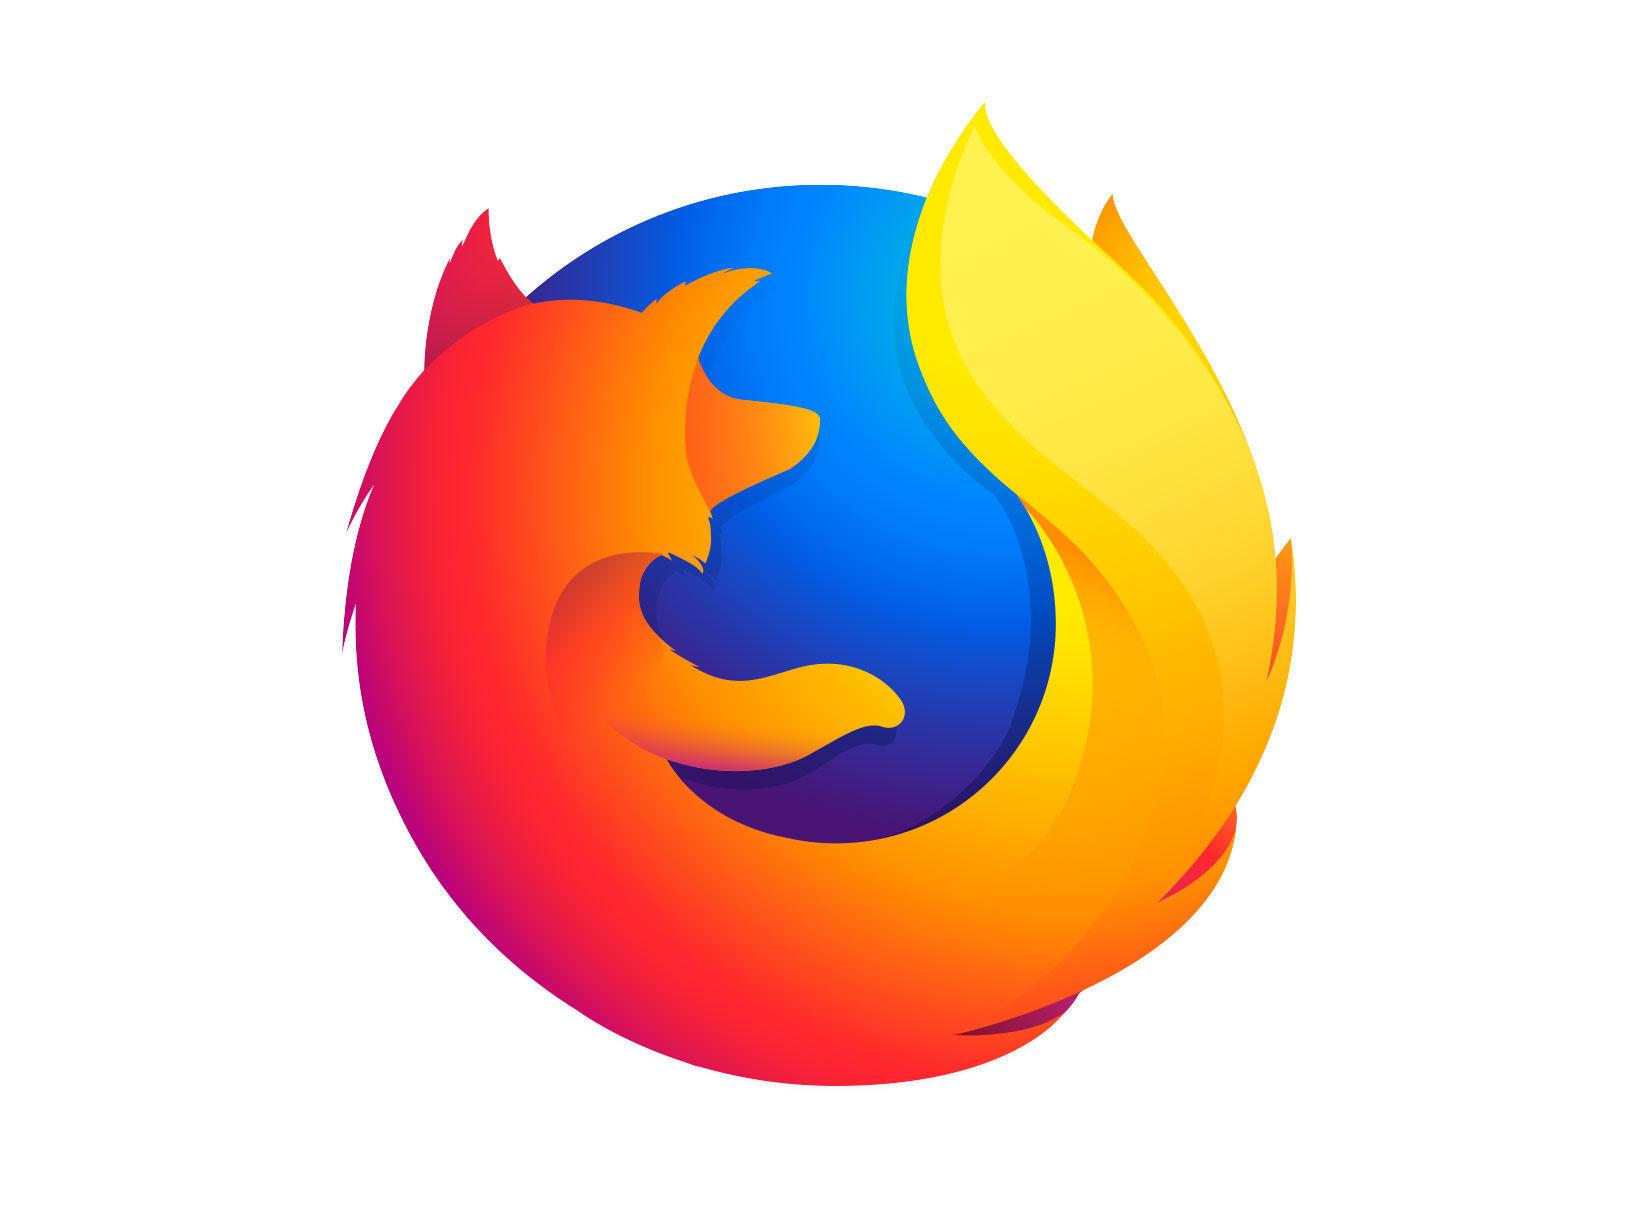 新ブラウザ「Firefox Quantum」のベータ版公開--速度は「Chrome」に匹敵か - CNET Japan